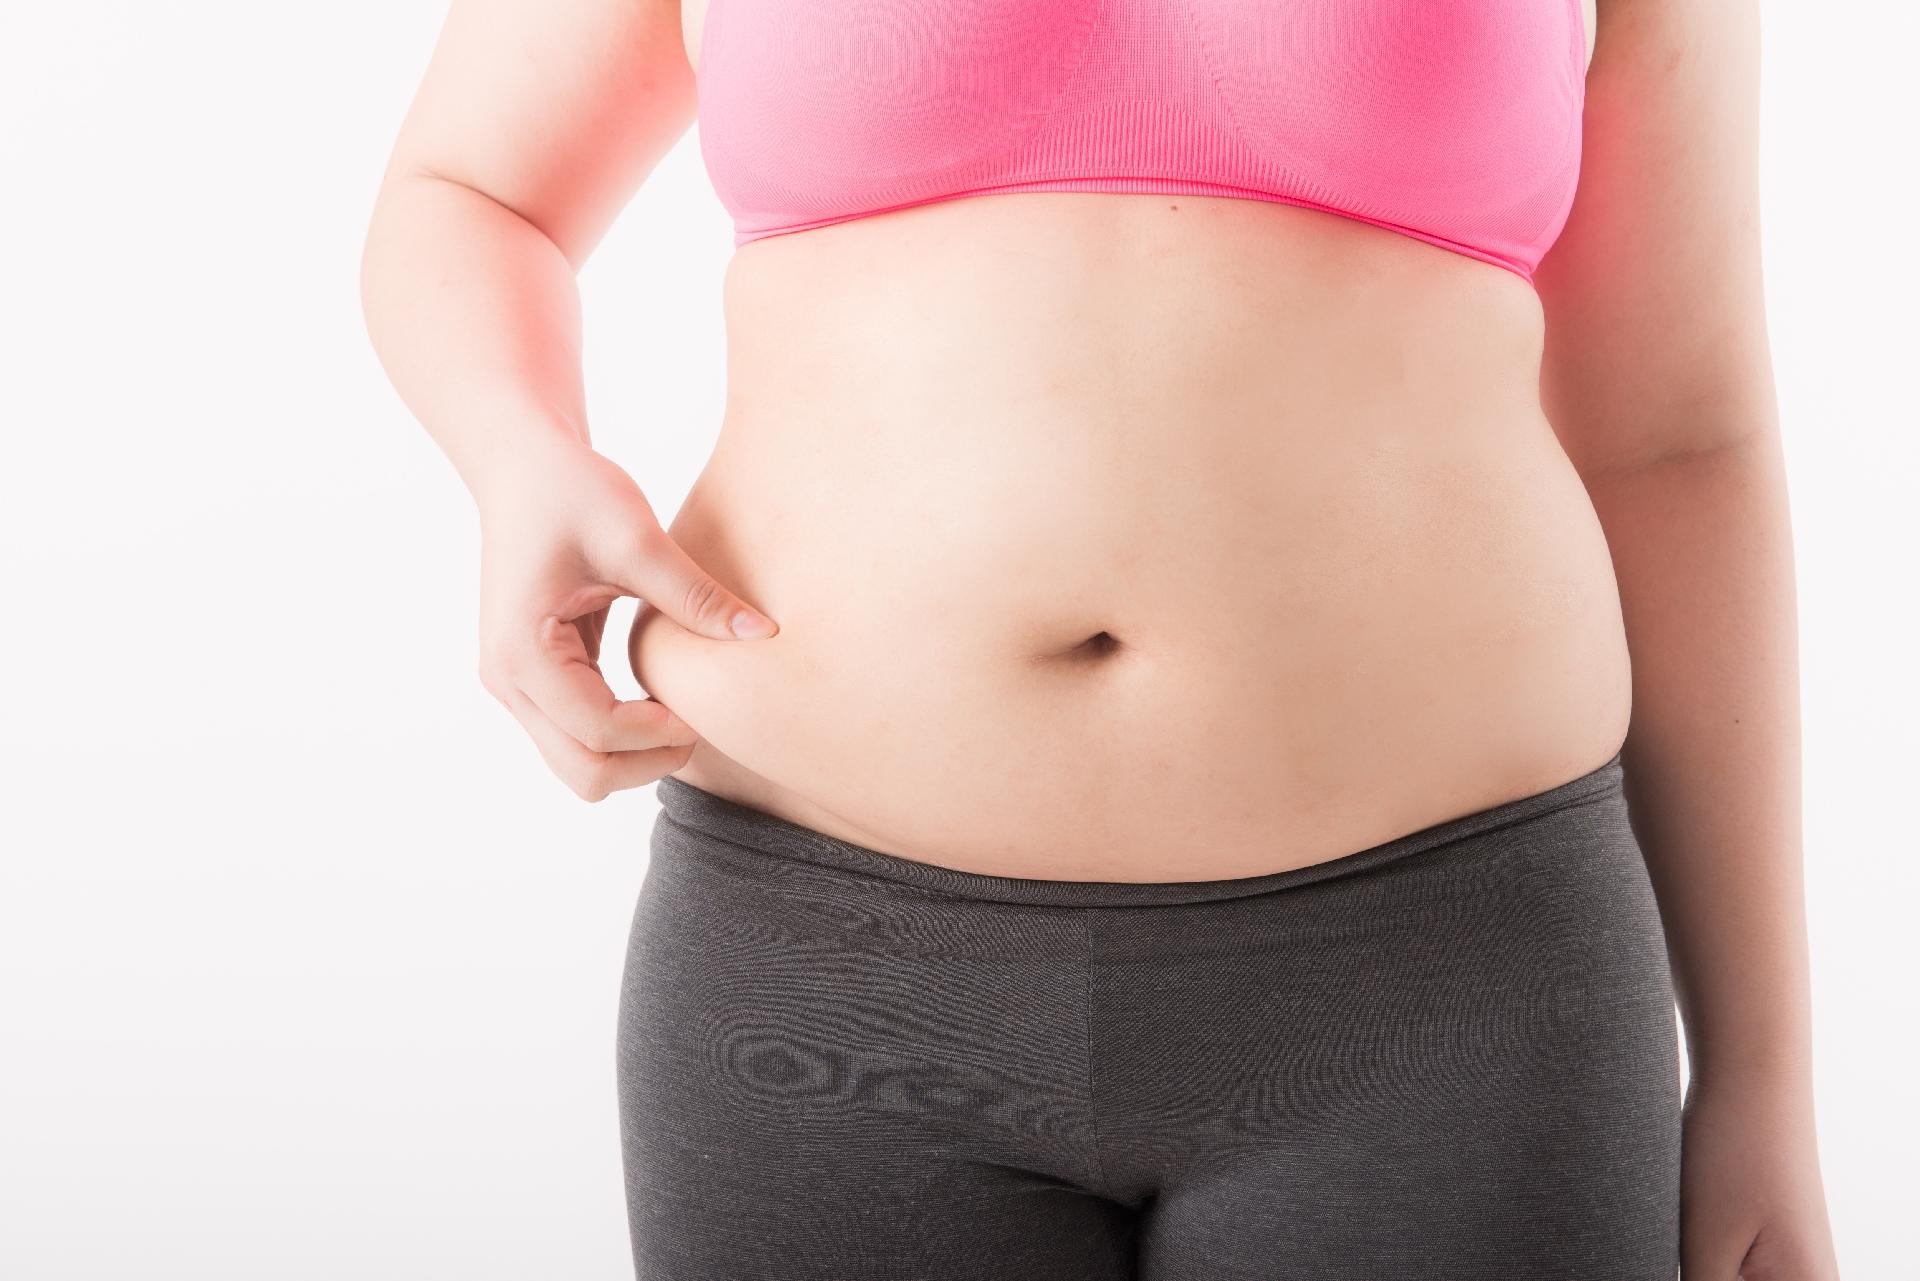 アラフォー女性に腹筋運動は効果的か否か!?